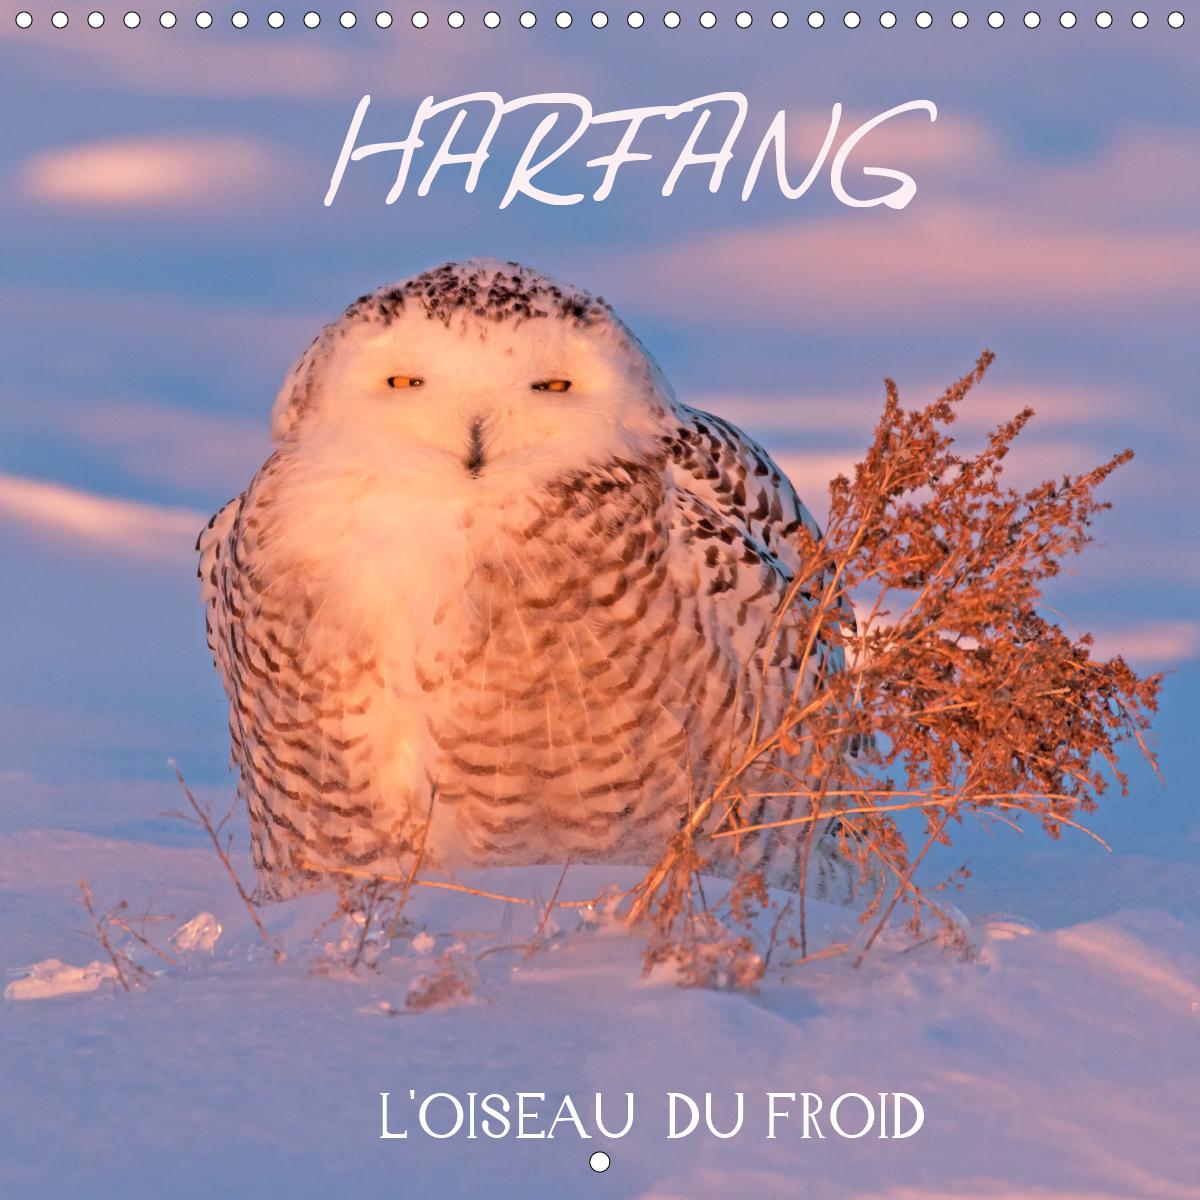 HARFANG, L'OISEAU DU FROID (CALENDRIER MURAL 2020 300 * 300 MM SQUARE) - 13 PORTRAITS DU HARFANG DES